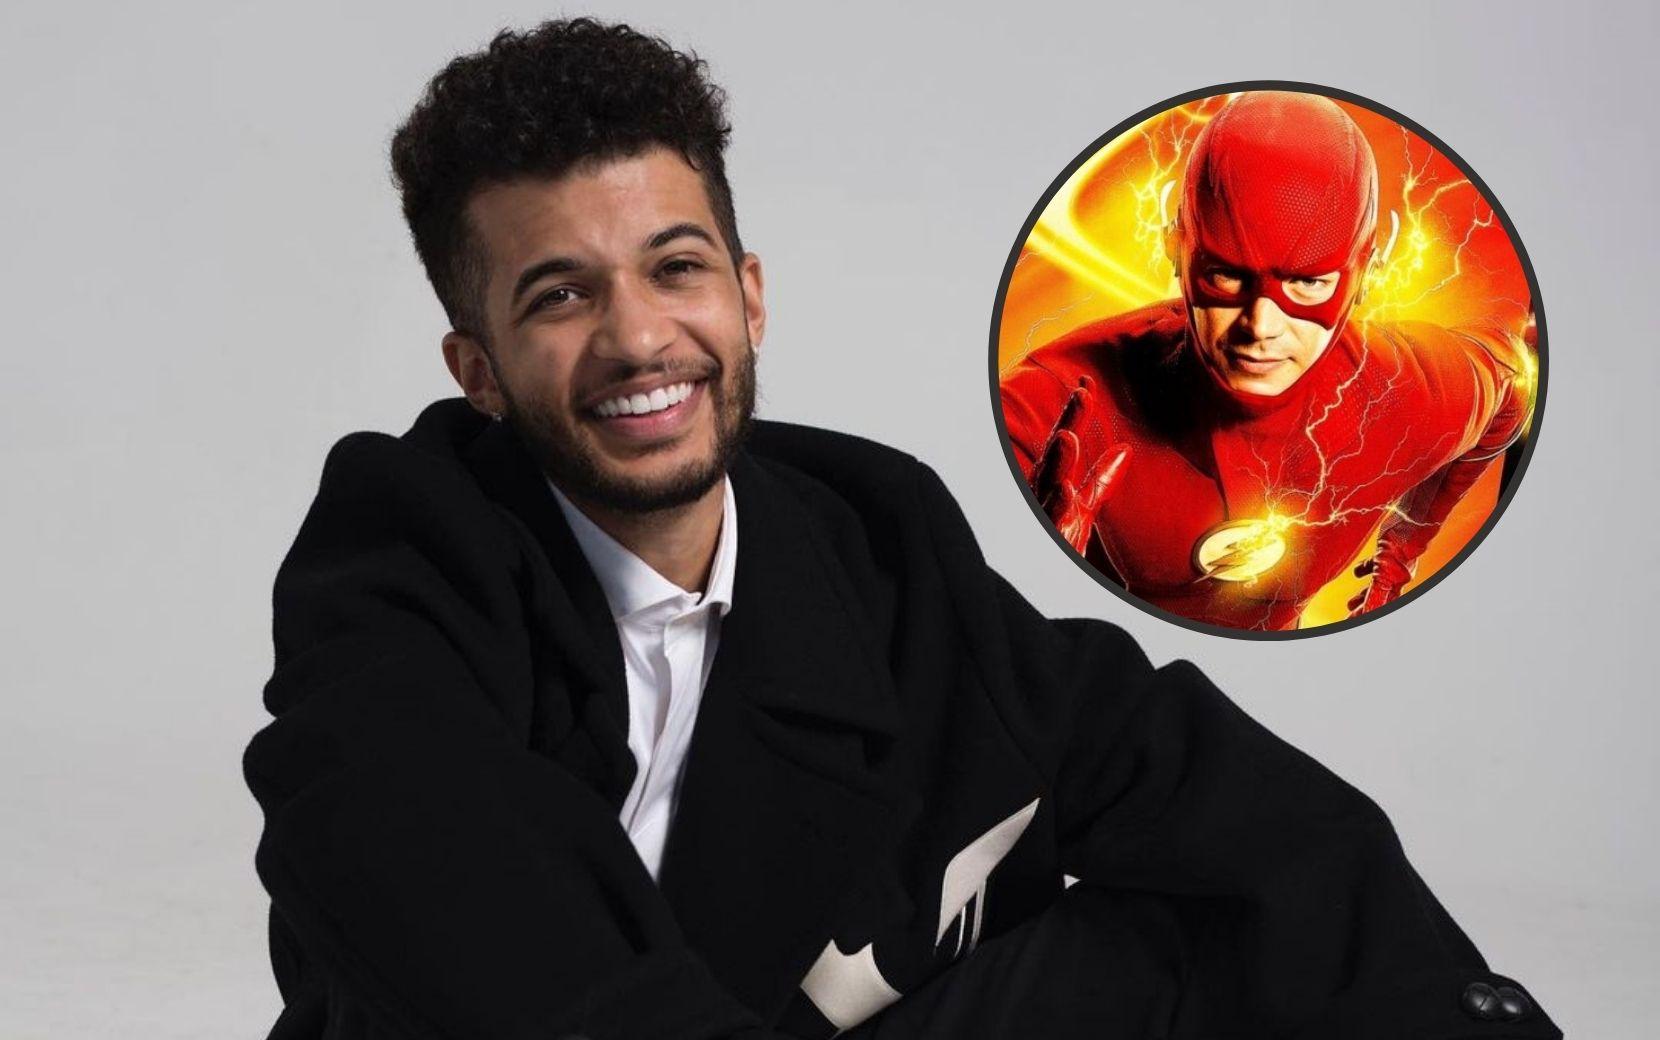 Jordan Fisher é escalado para a sétima temporada da série The Flash